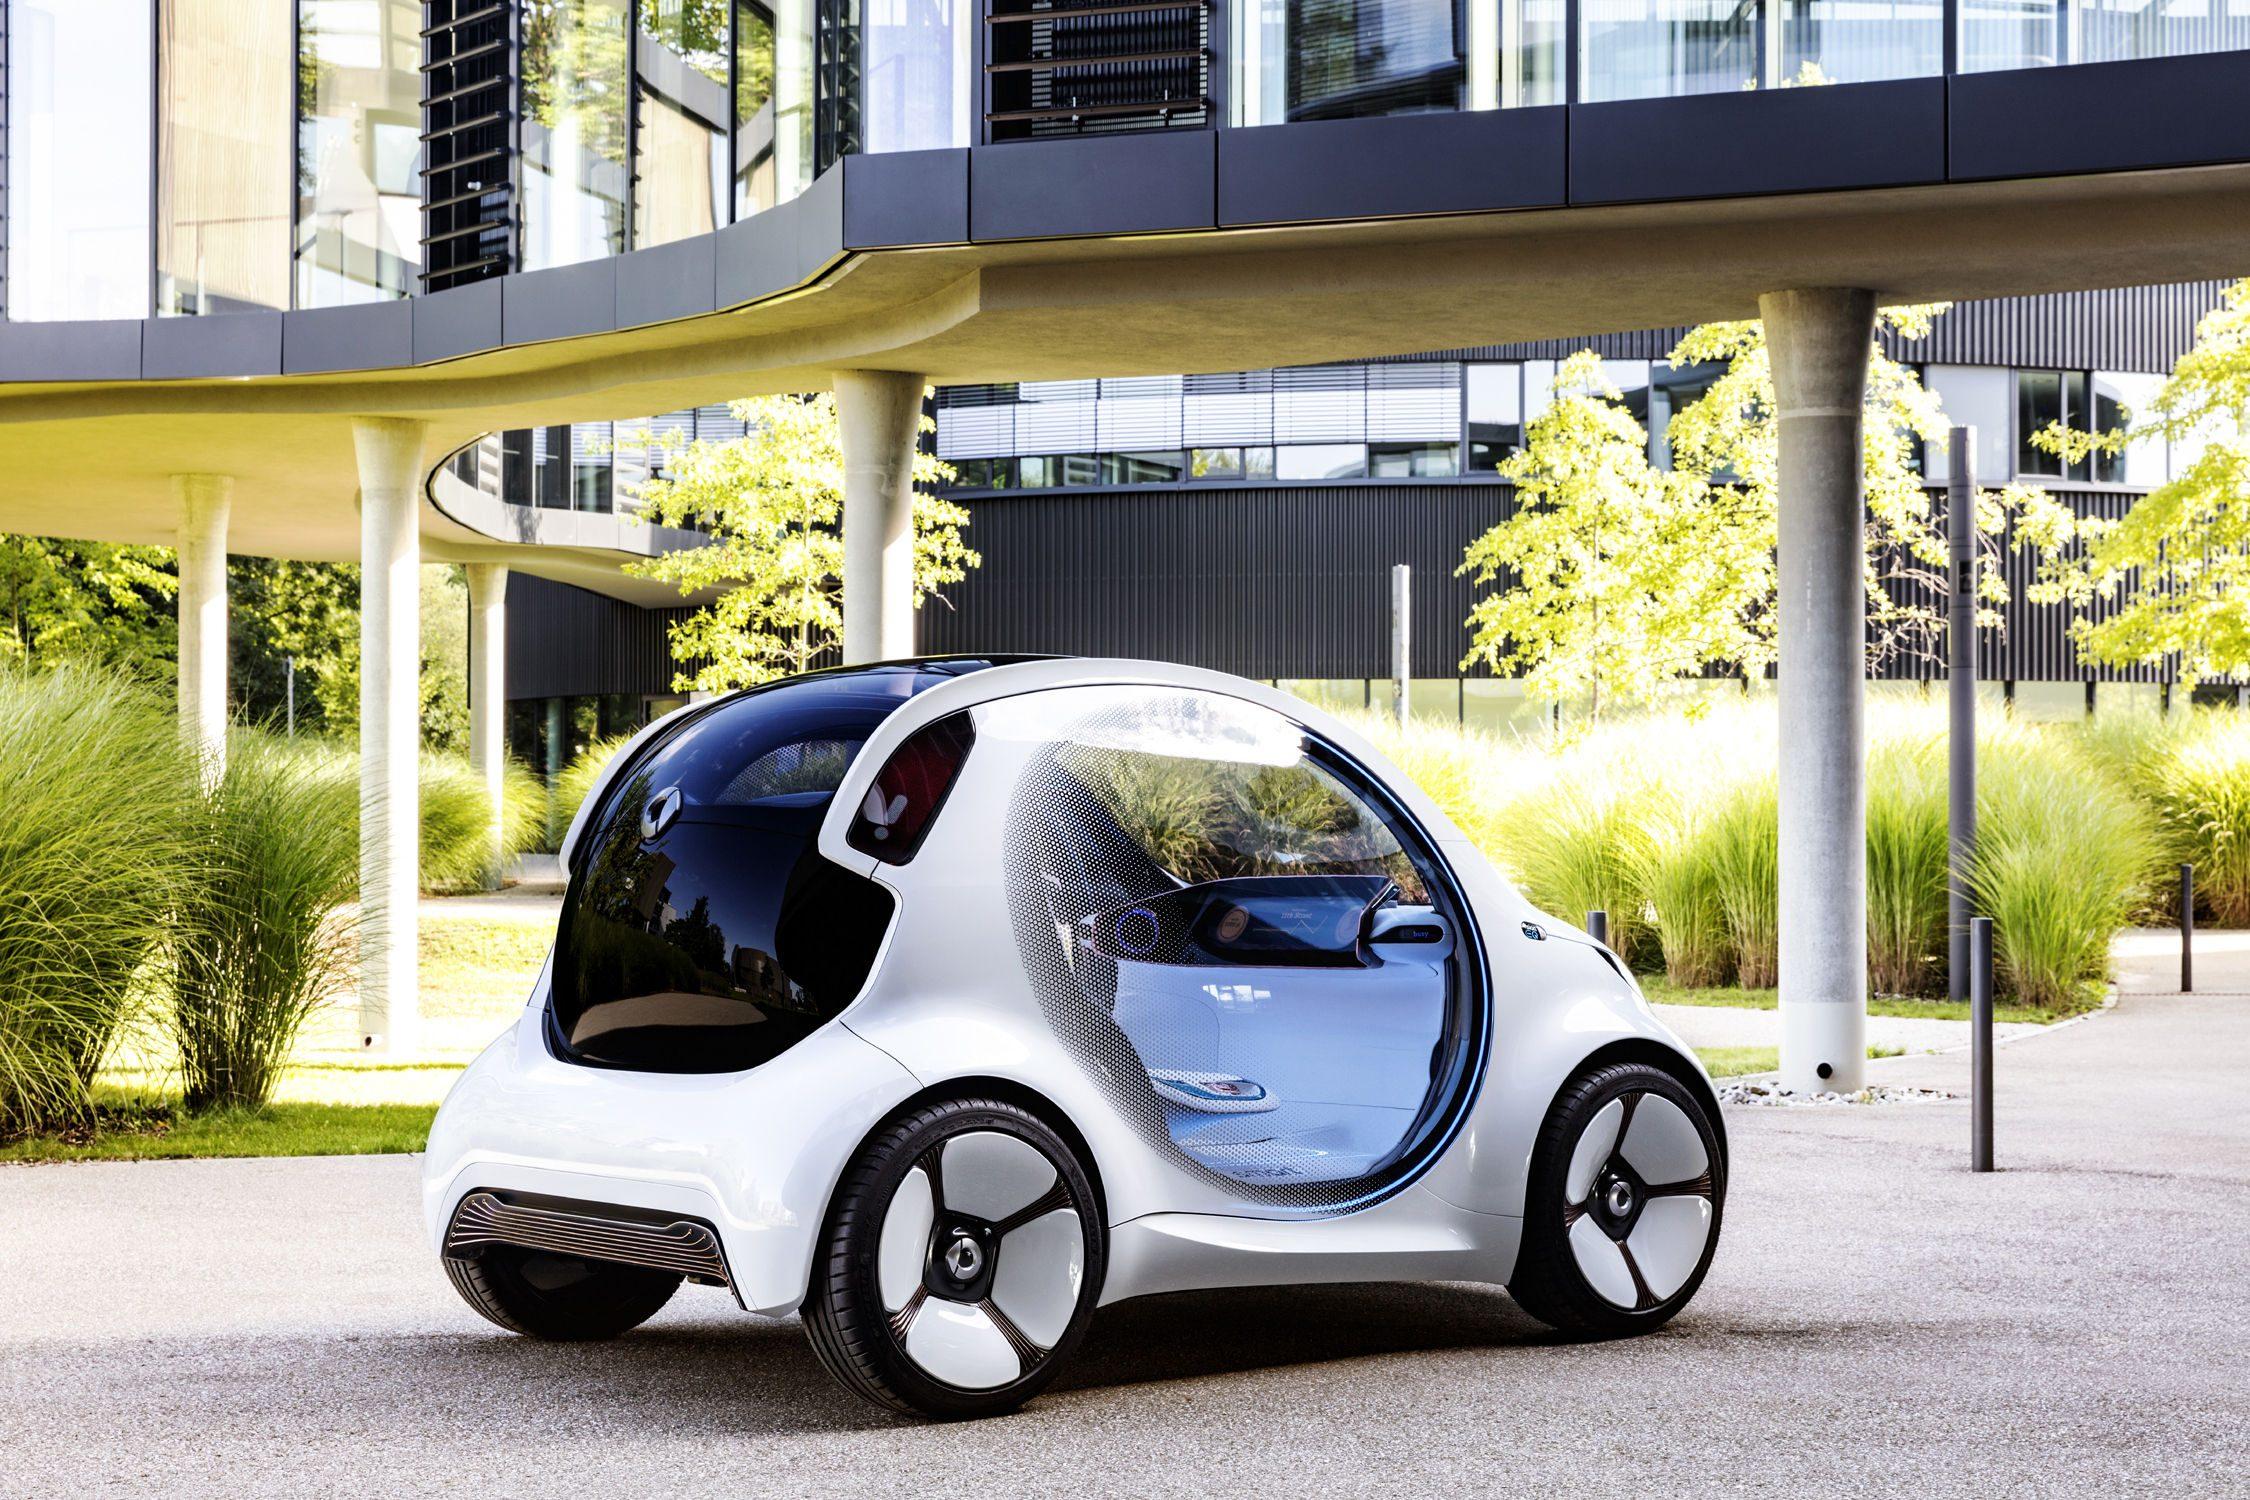 Smart ForTwo Vision EQ, une innovation automobile très mignonne